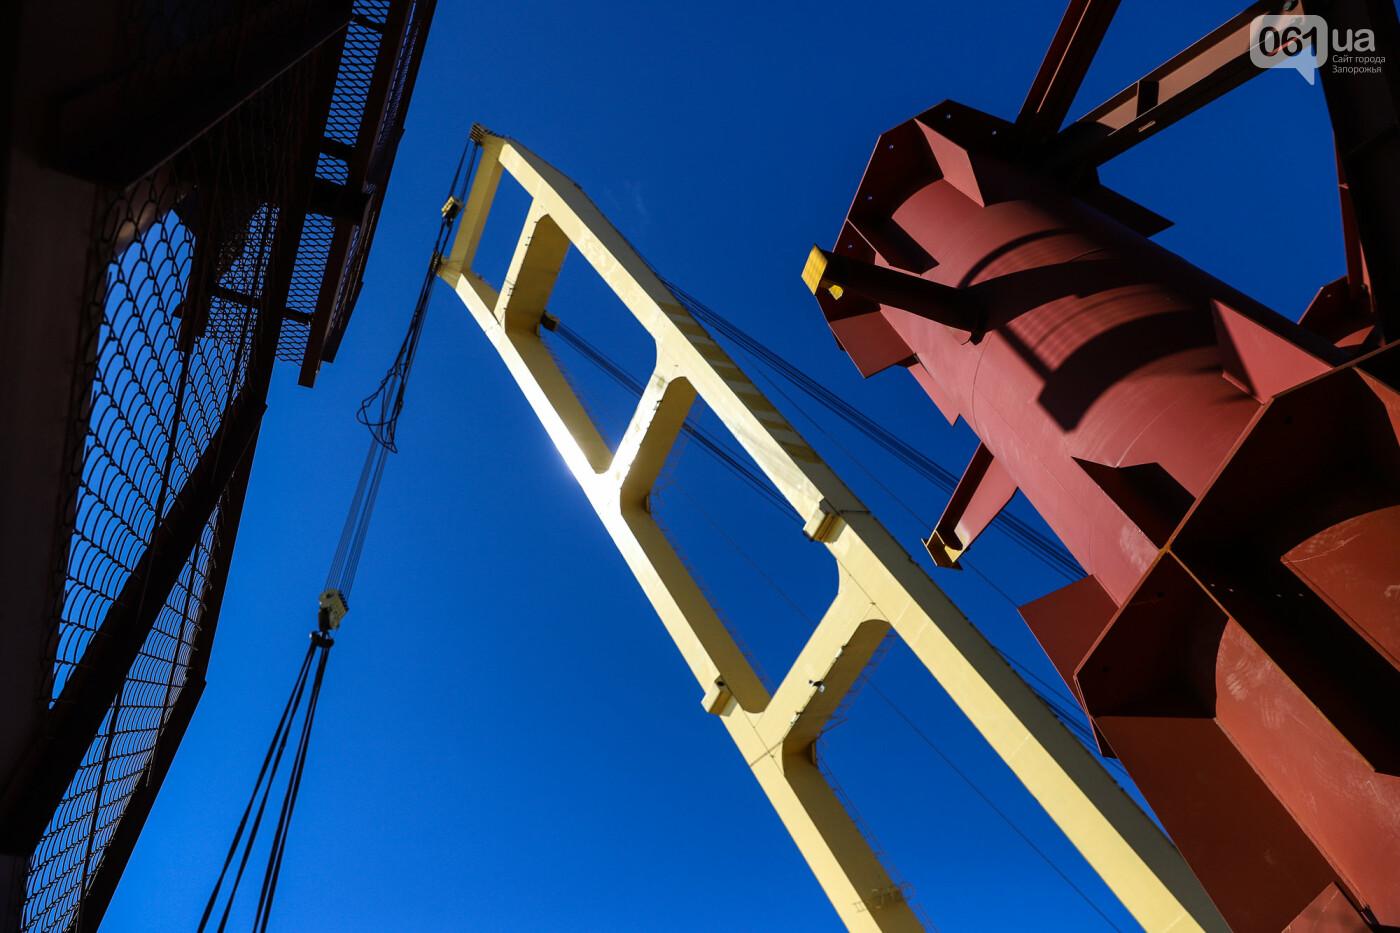 Кран с иностранной пропиской, ванты и металл: строительство запорожских мостов в фотографиях, фото-5